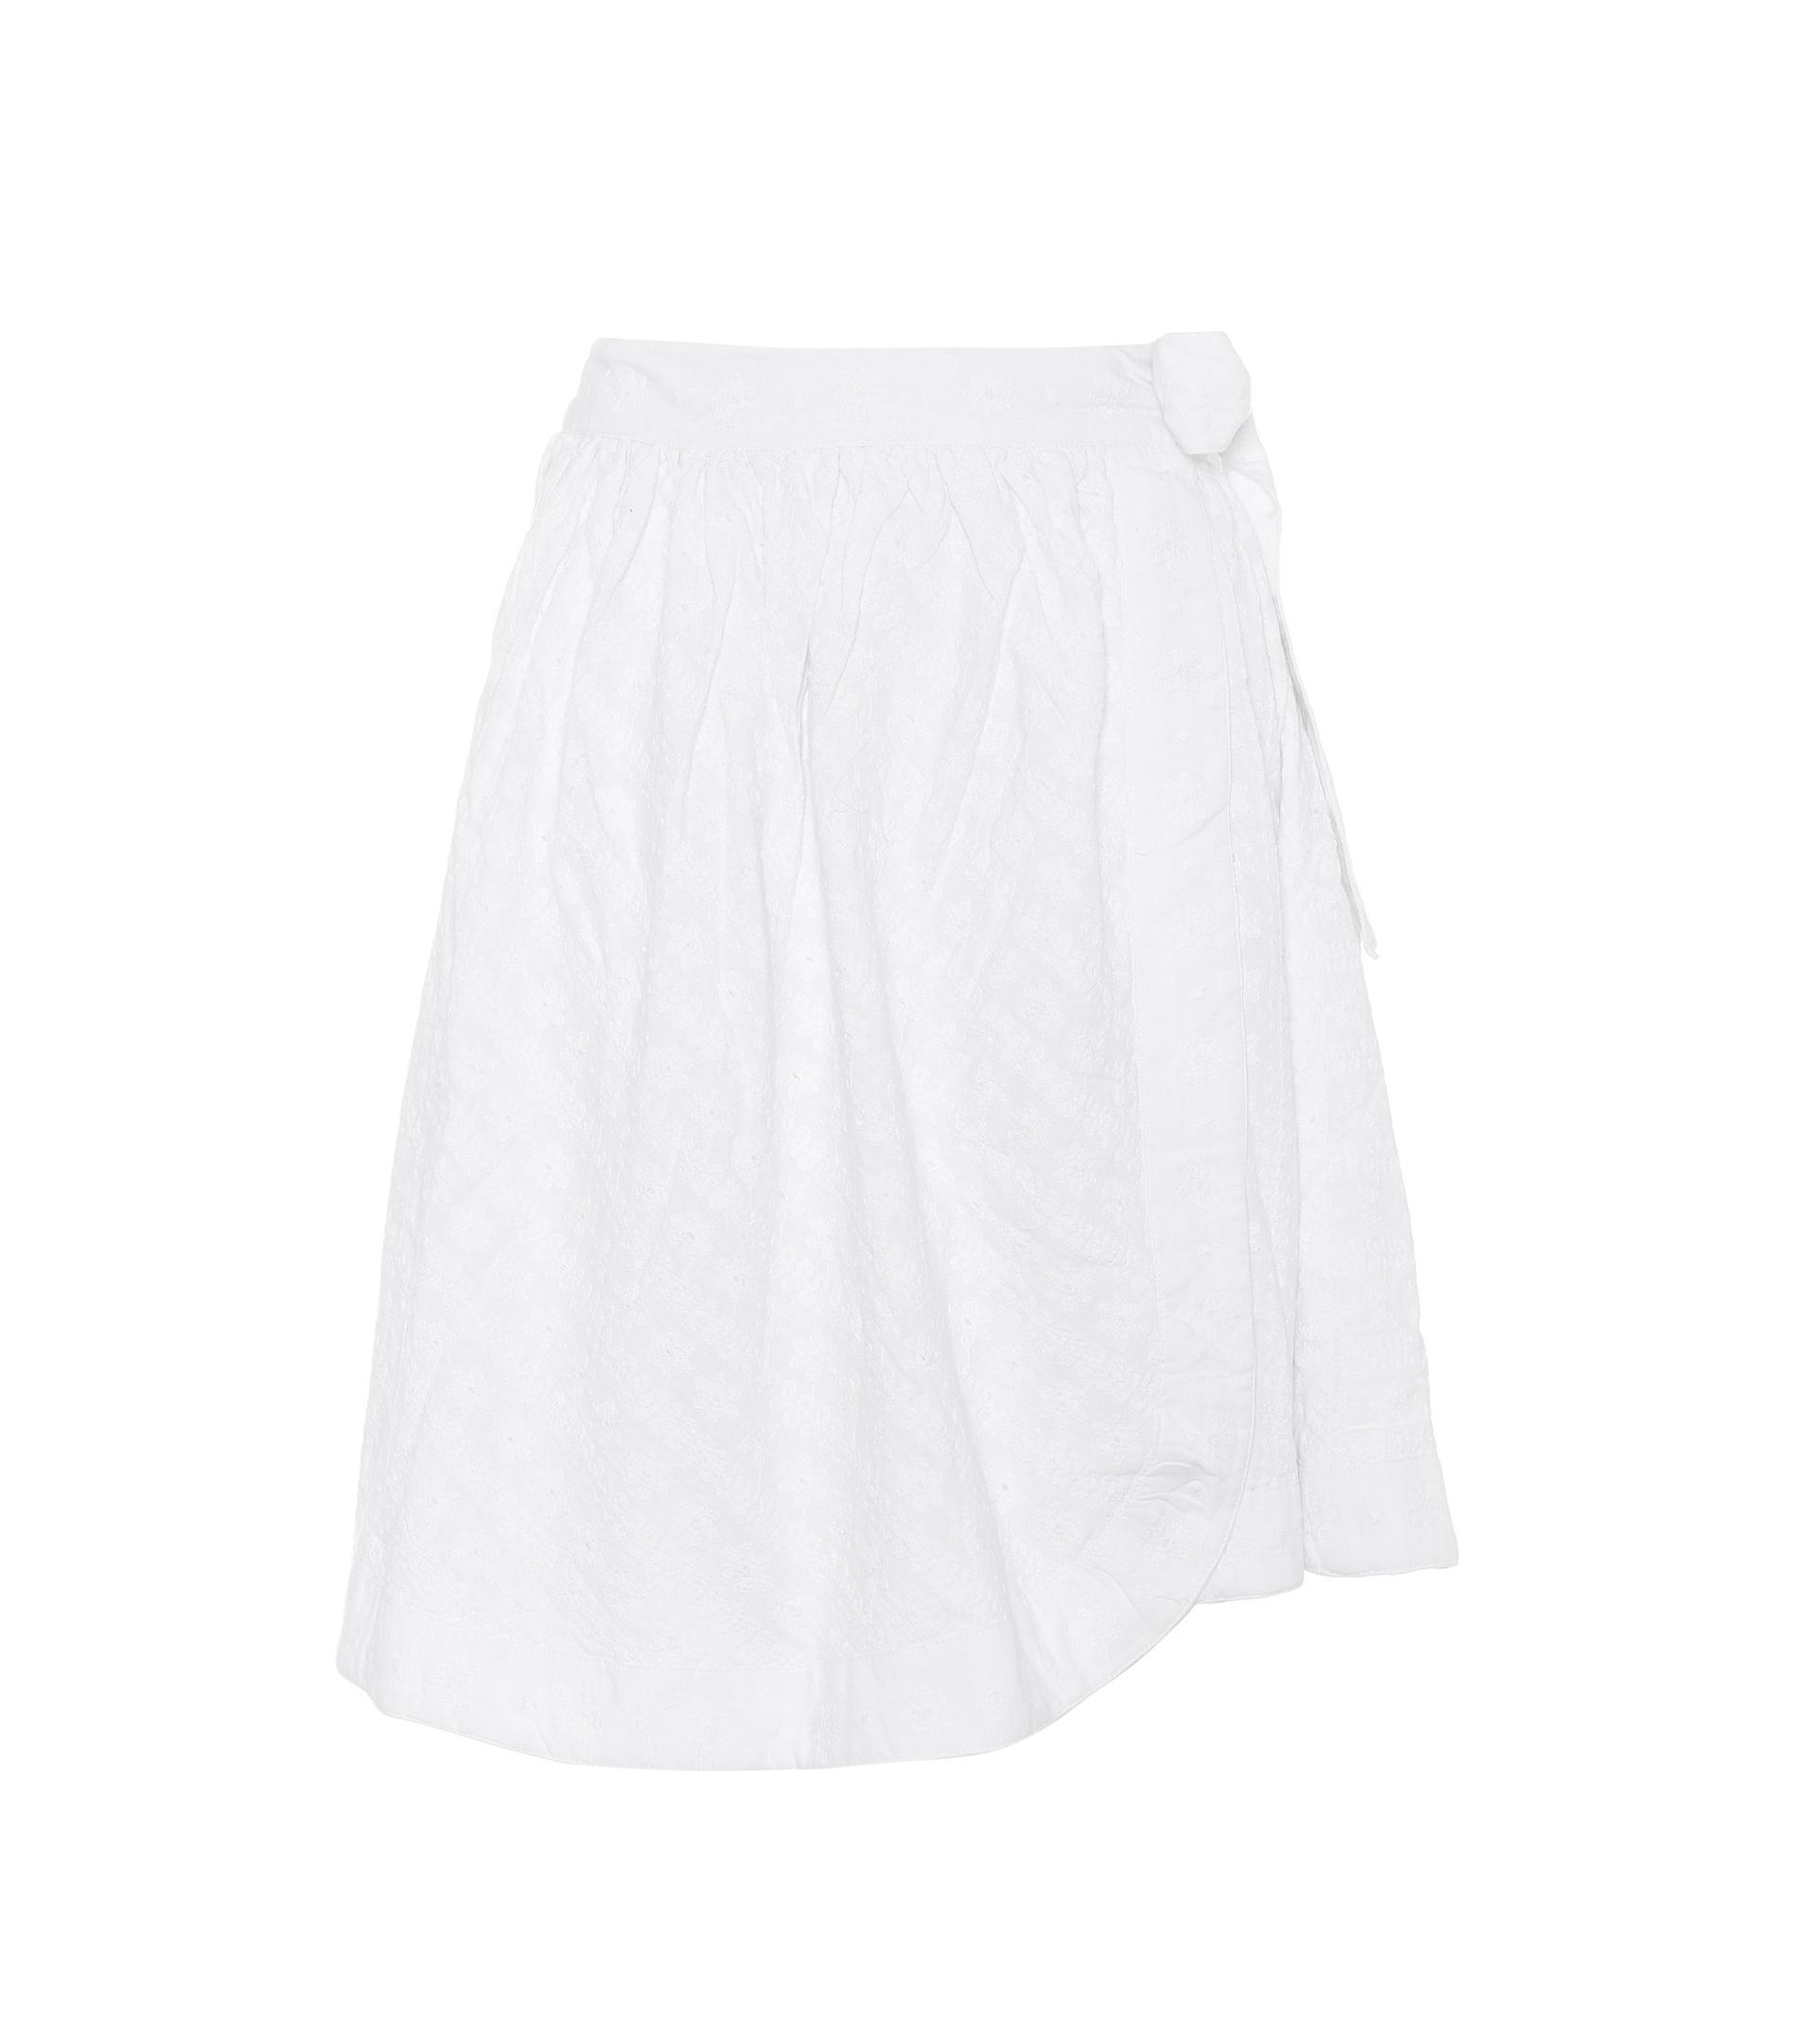 fait m'a en lyst Elle jupe blanc Sita en coton portefeuille fUS5wxSq